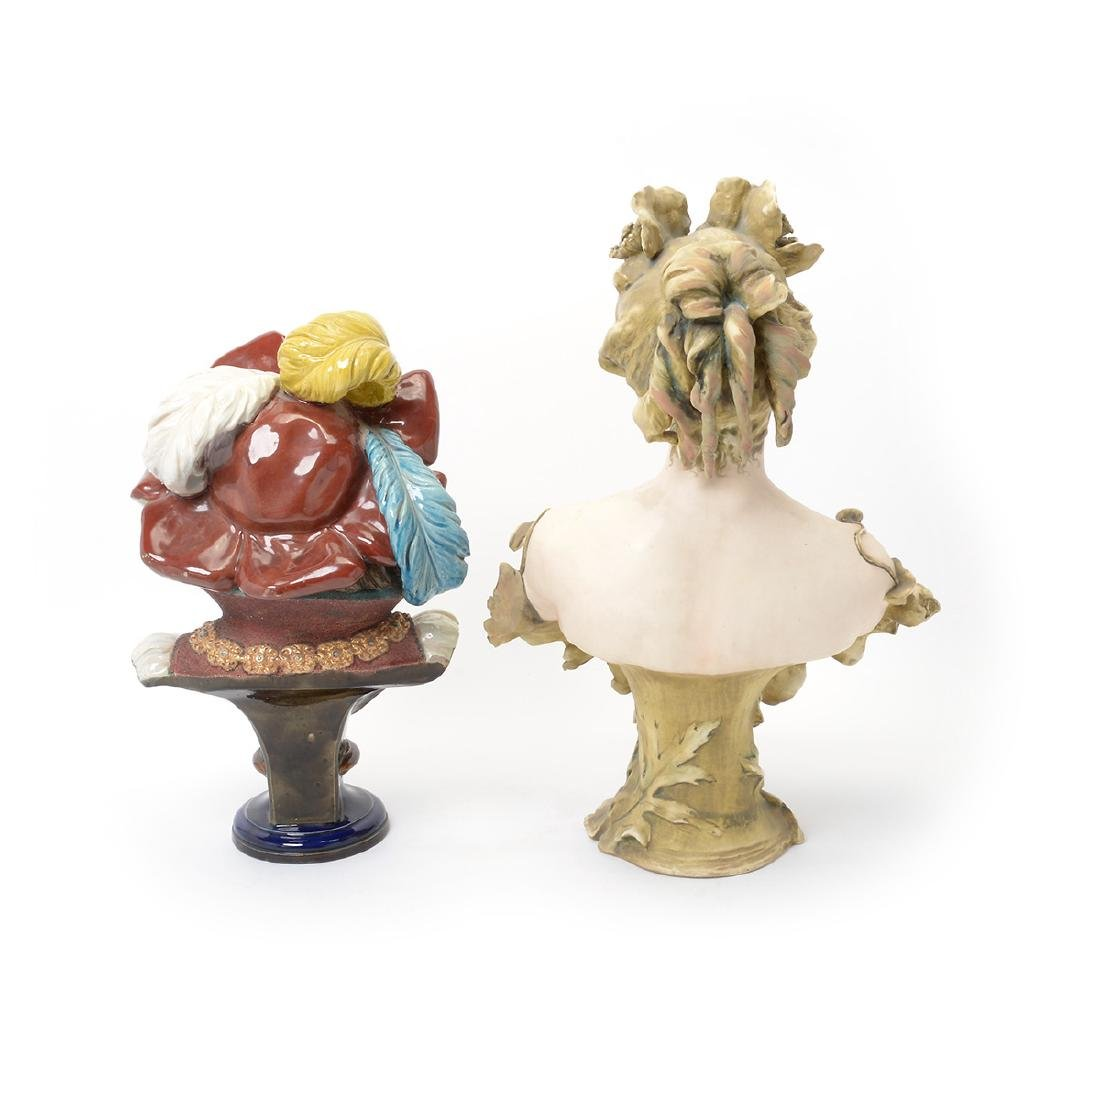 Austrian Art Nouveau Amphora Porcelain Bust of a Lady - 2